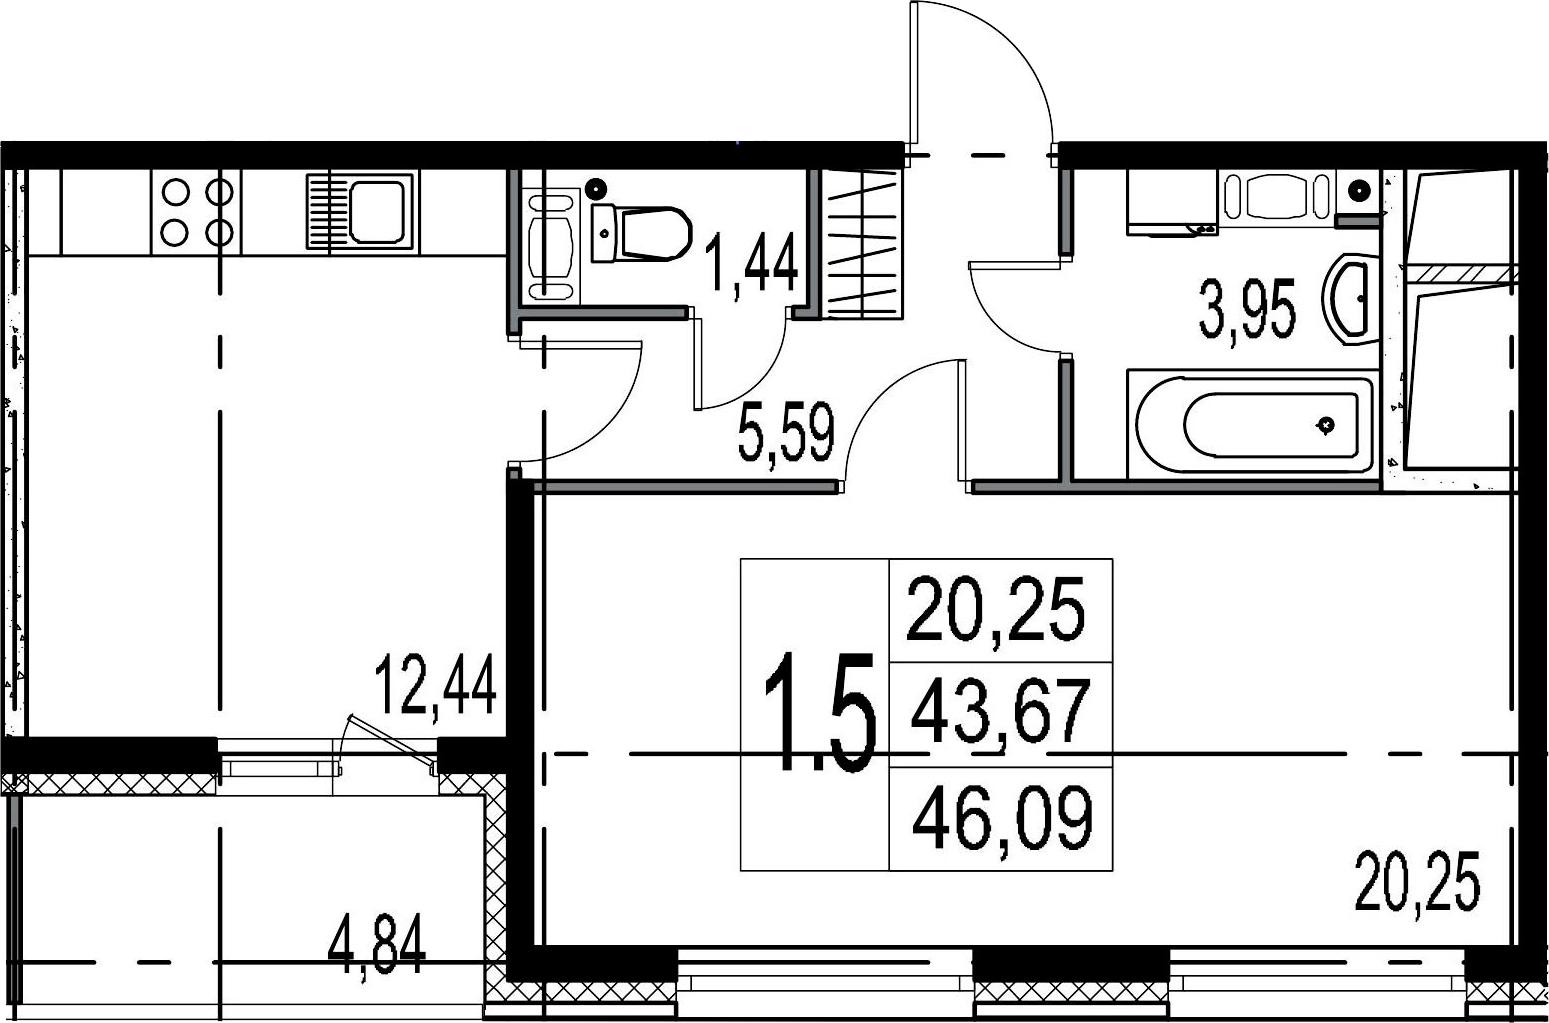 1-комнатная, 43.67 м²– 2